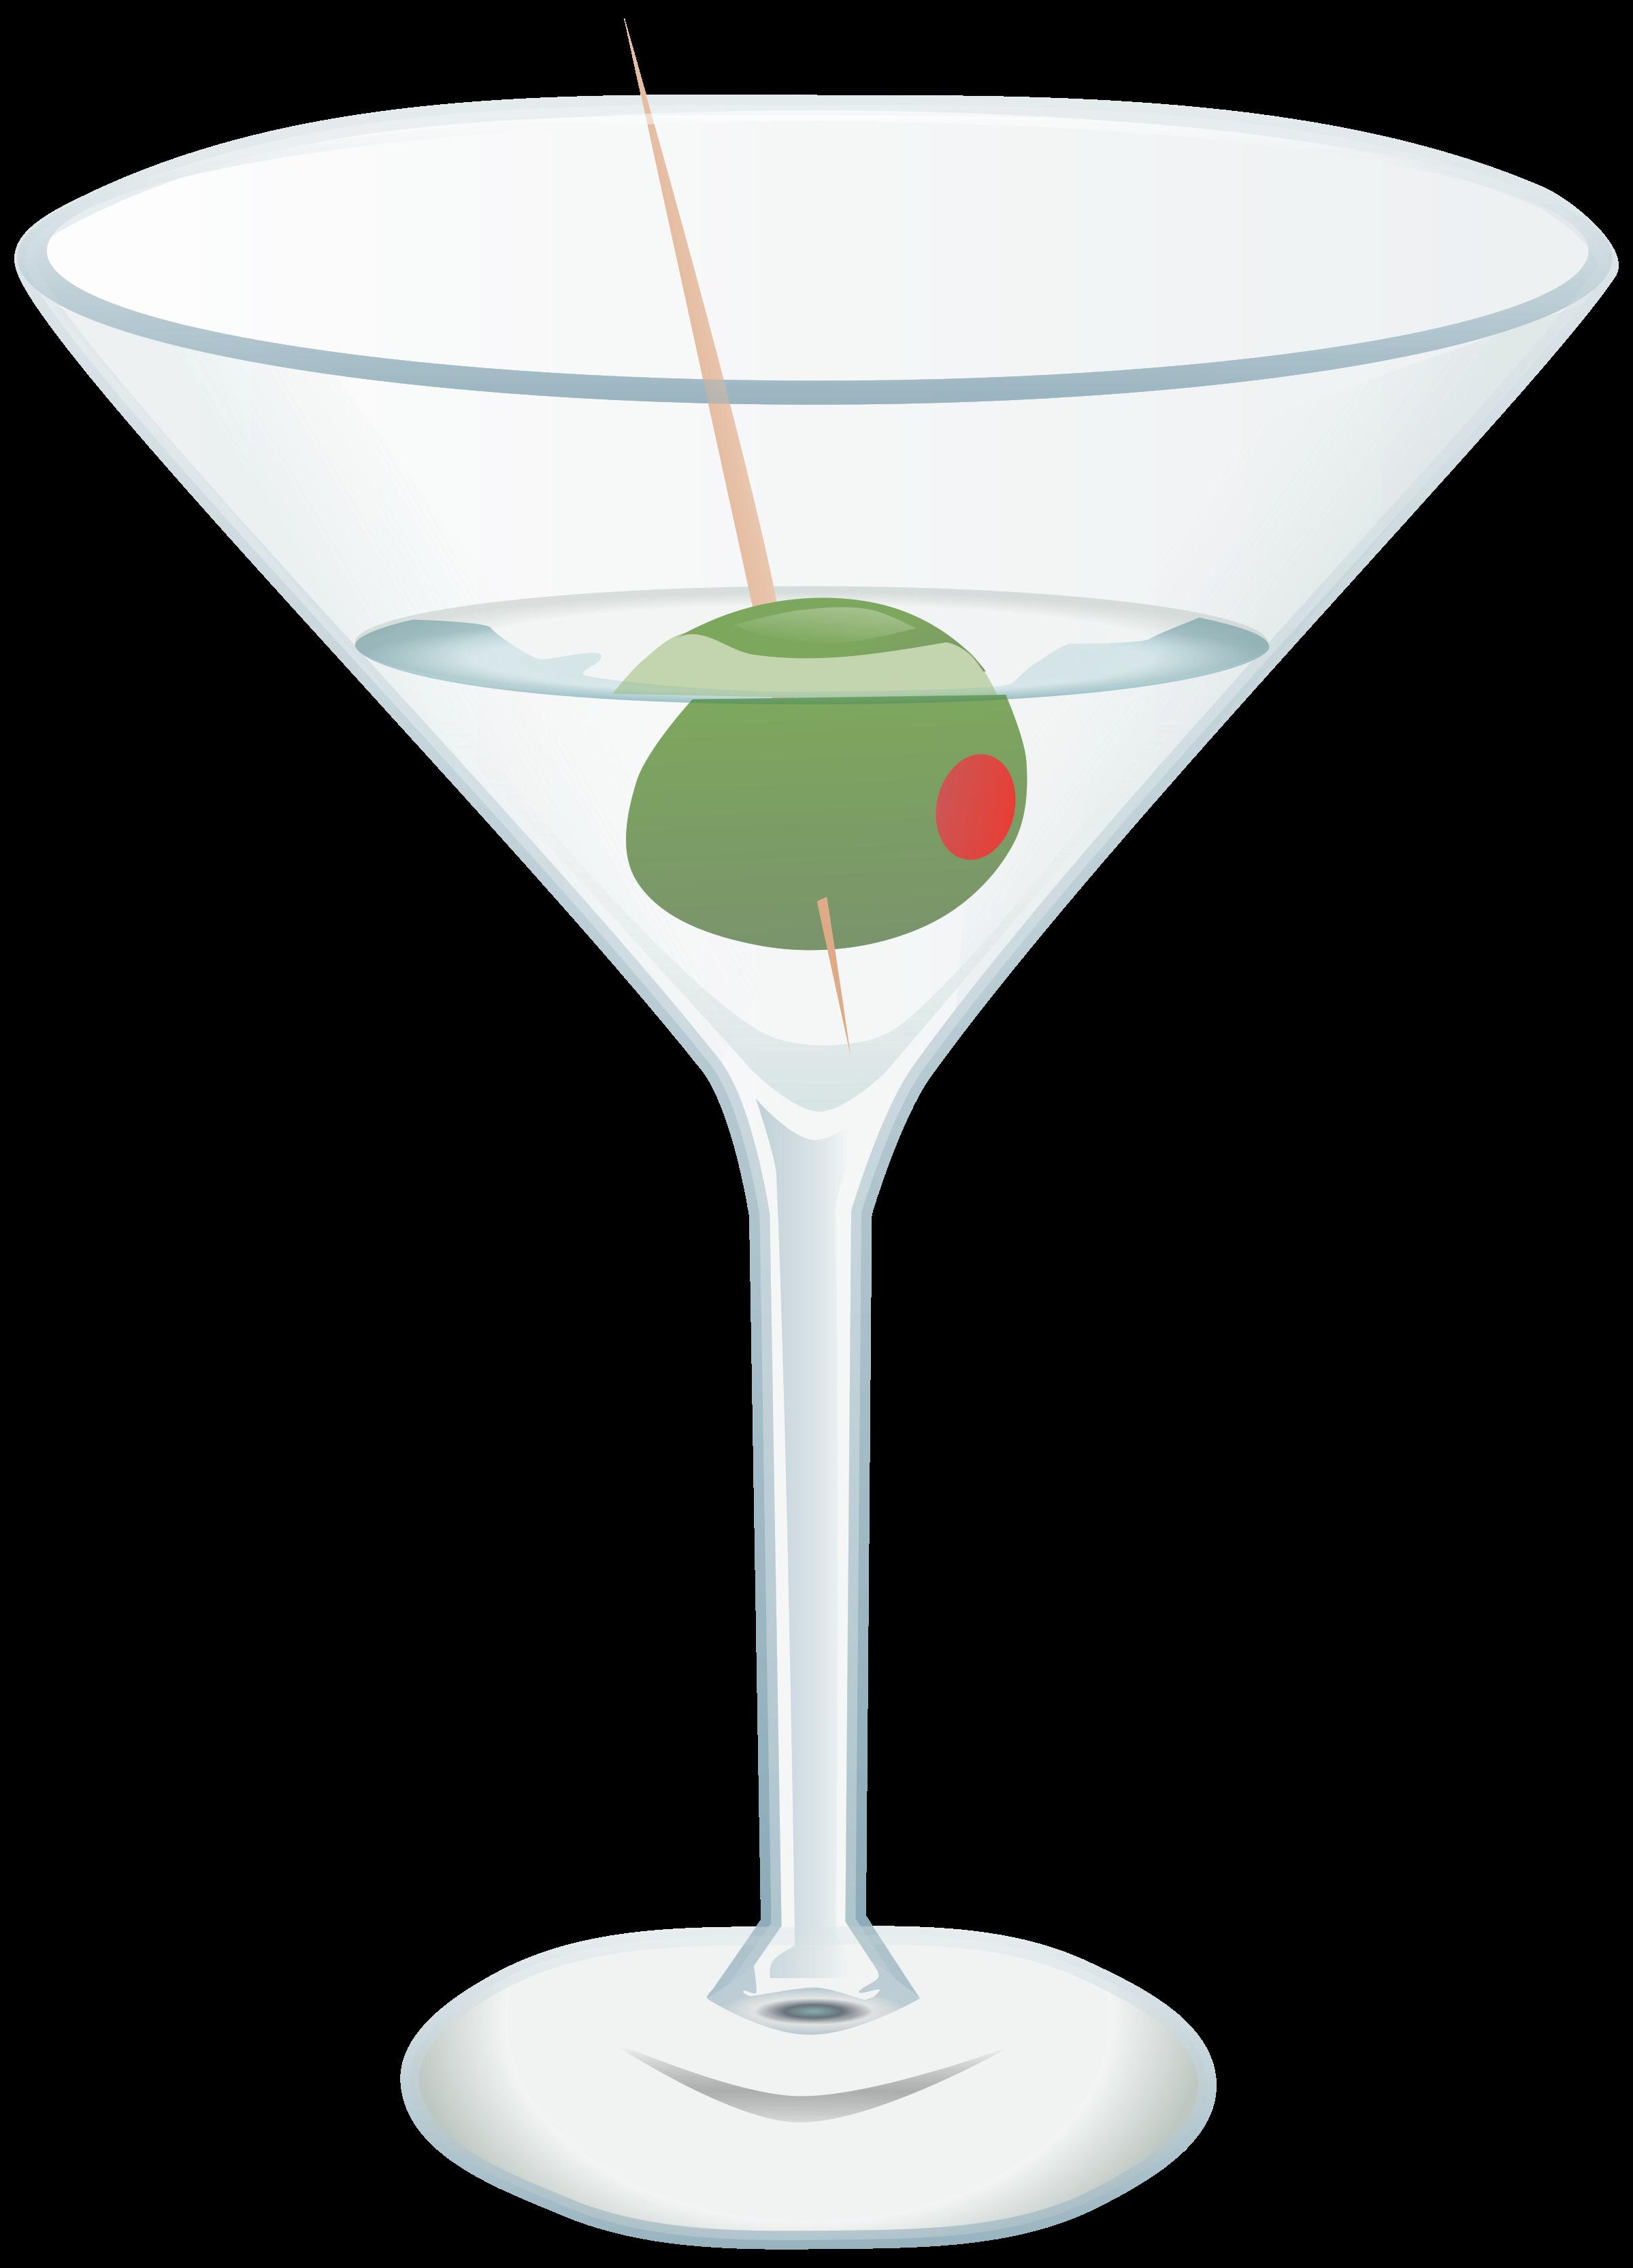 Cocktail clipart clip art. Martini